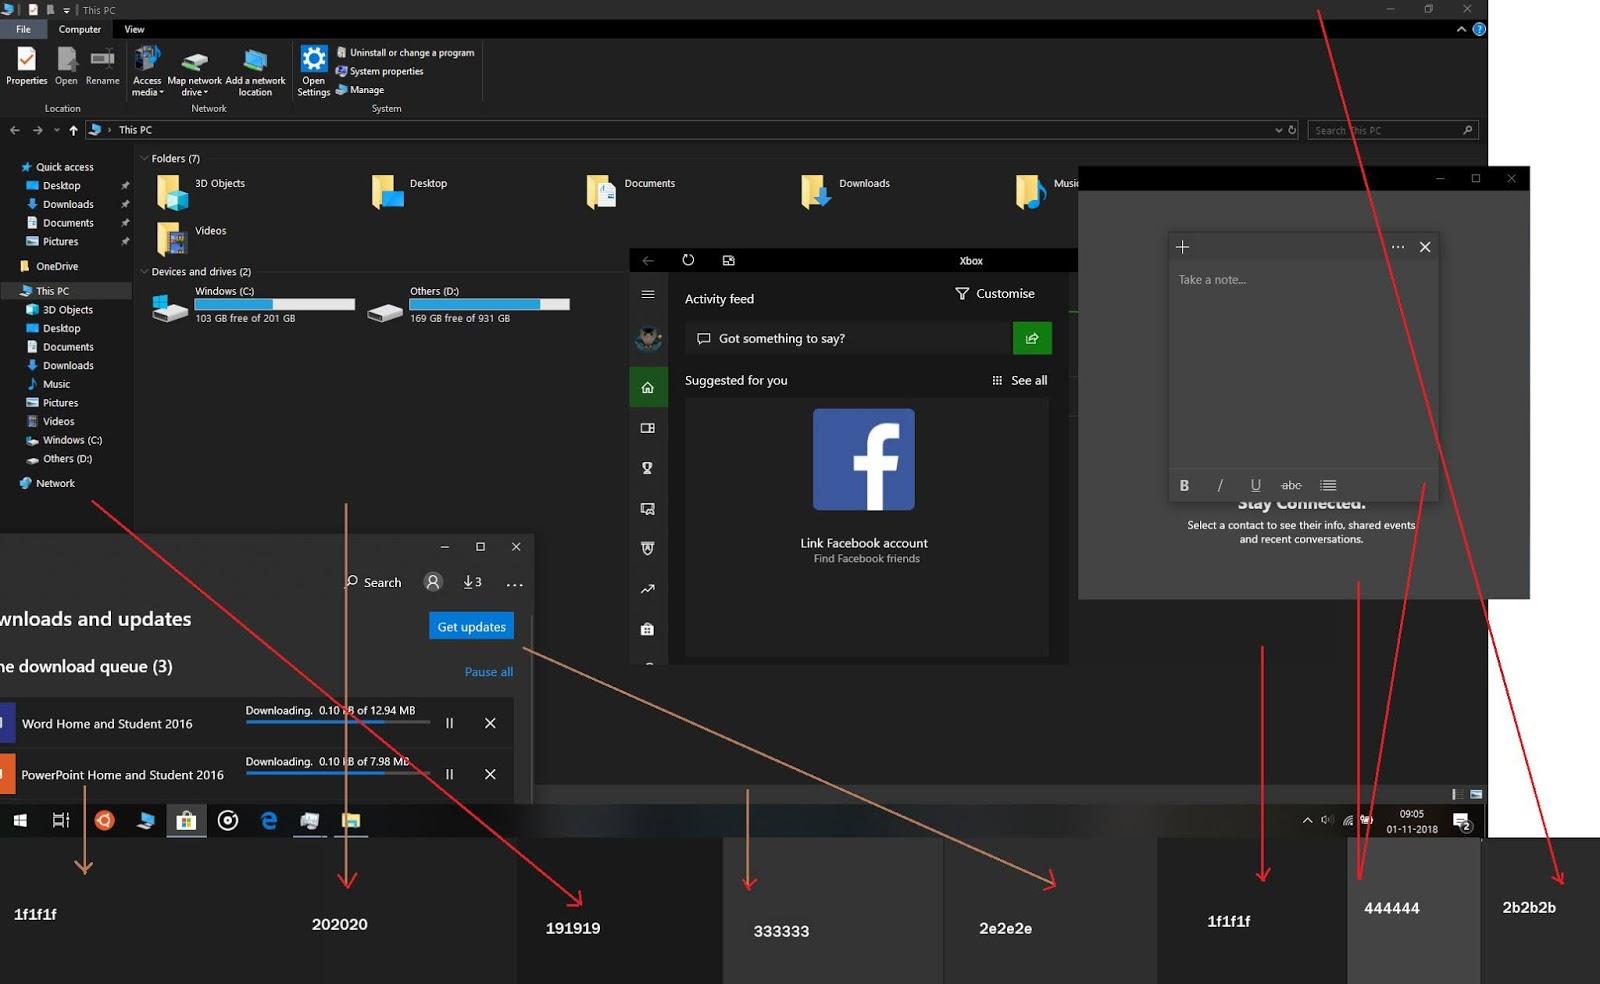 Microsoft-8-tonalità-grigio-windows-10-tema-scuro